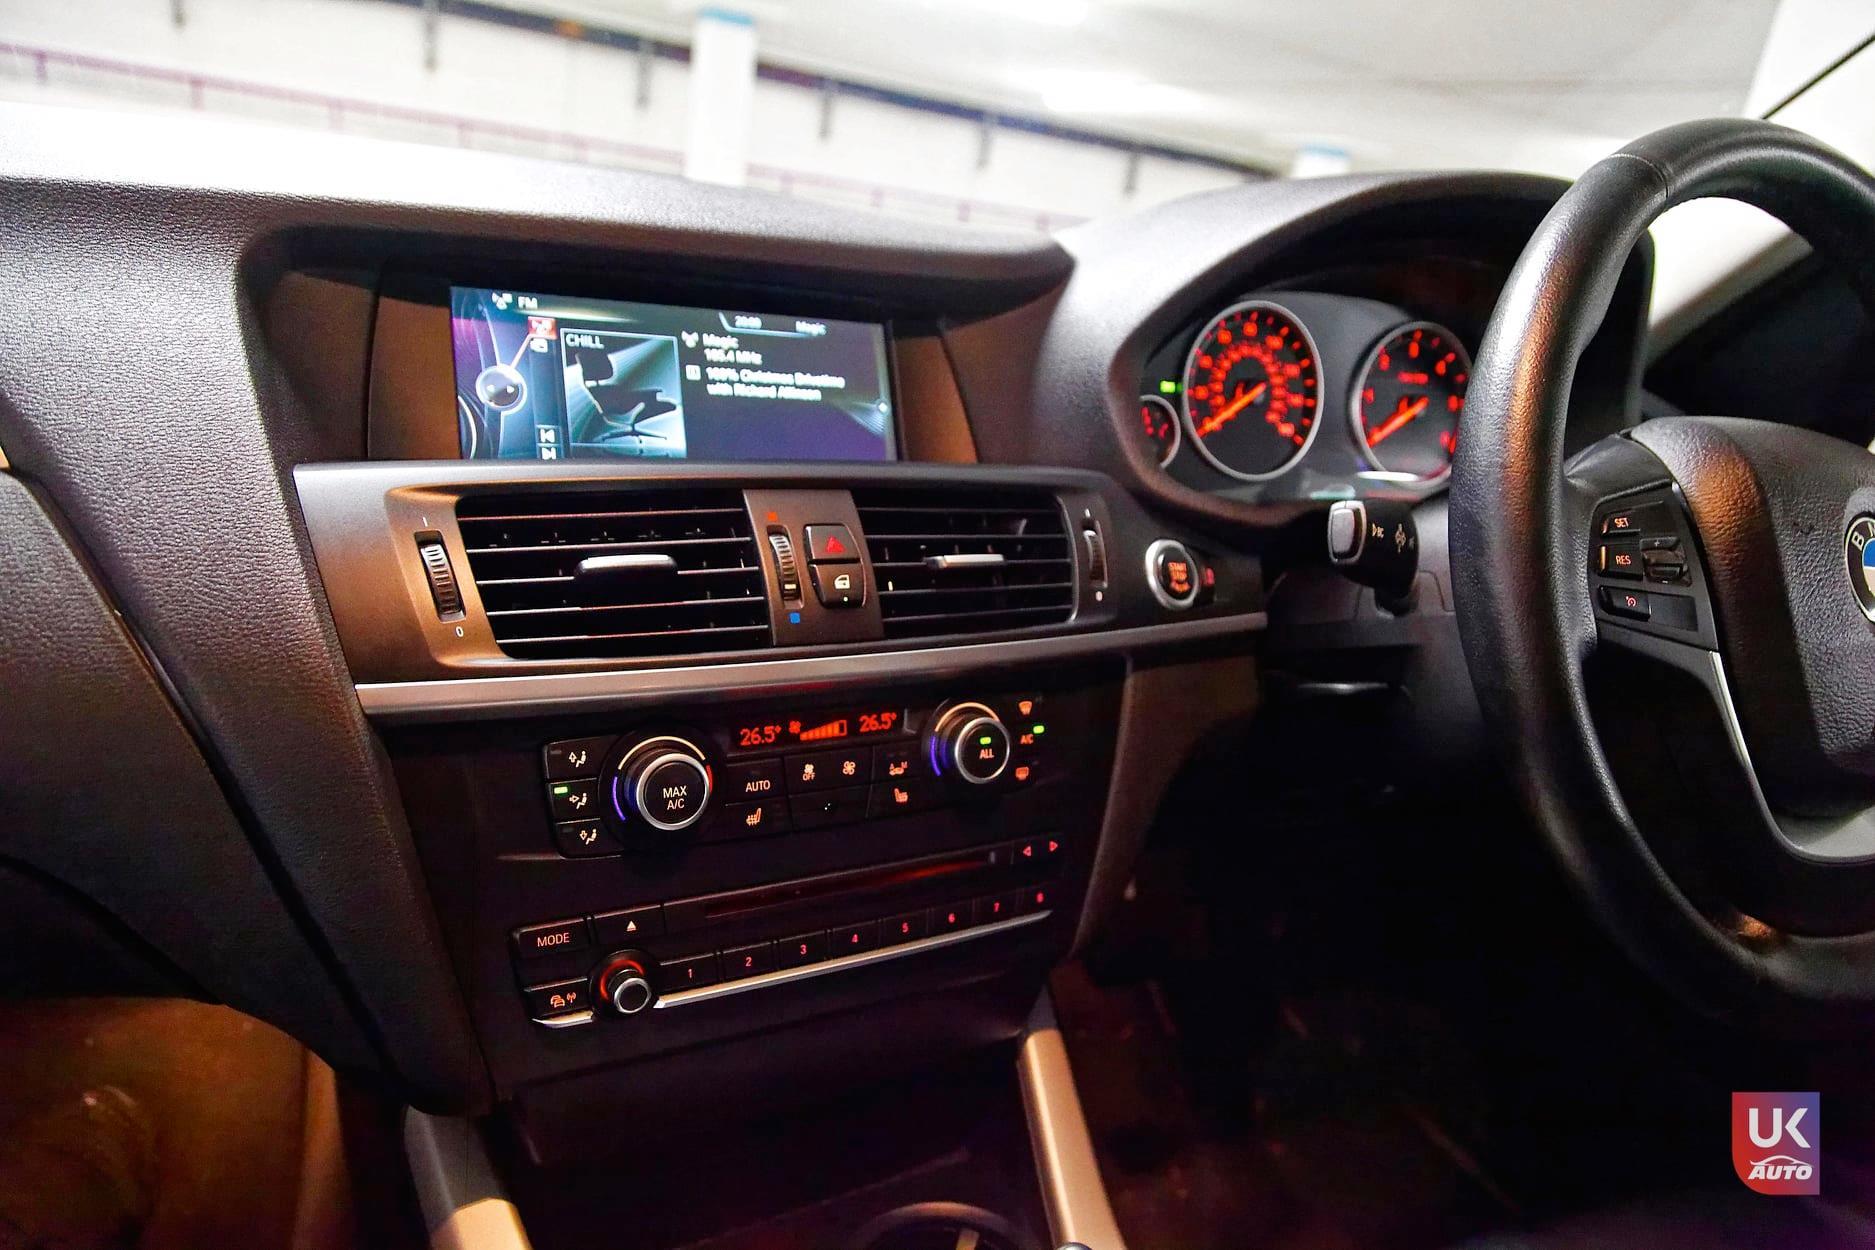 Voiture occasion royaume uni BMW X3 IMPORT UK10 - Voiture occasion royaume uni BMW X3 IMPORT UK